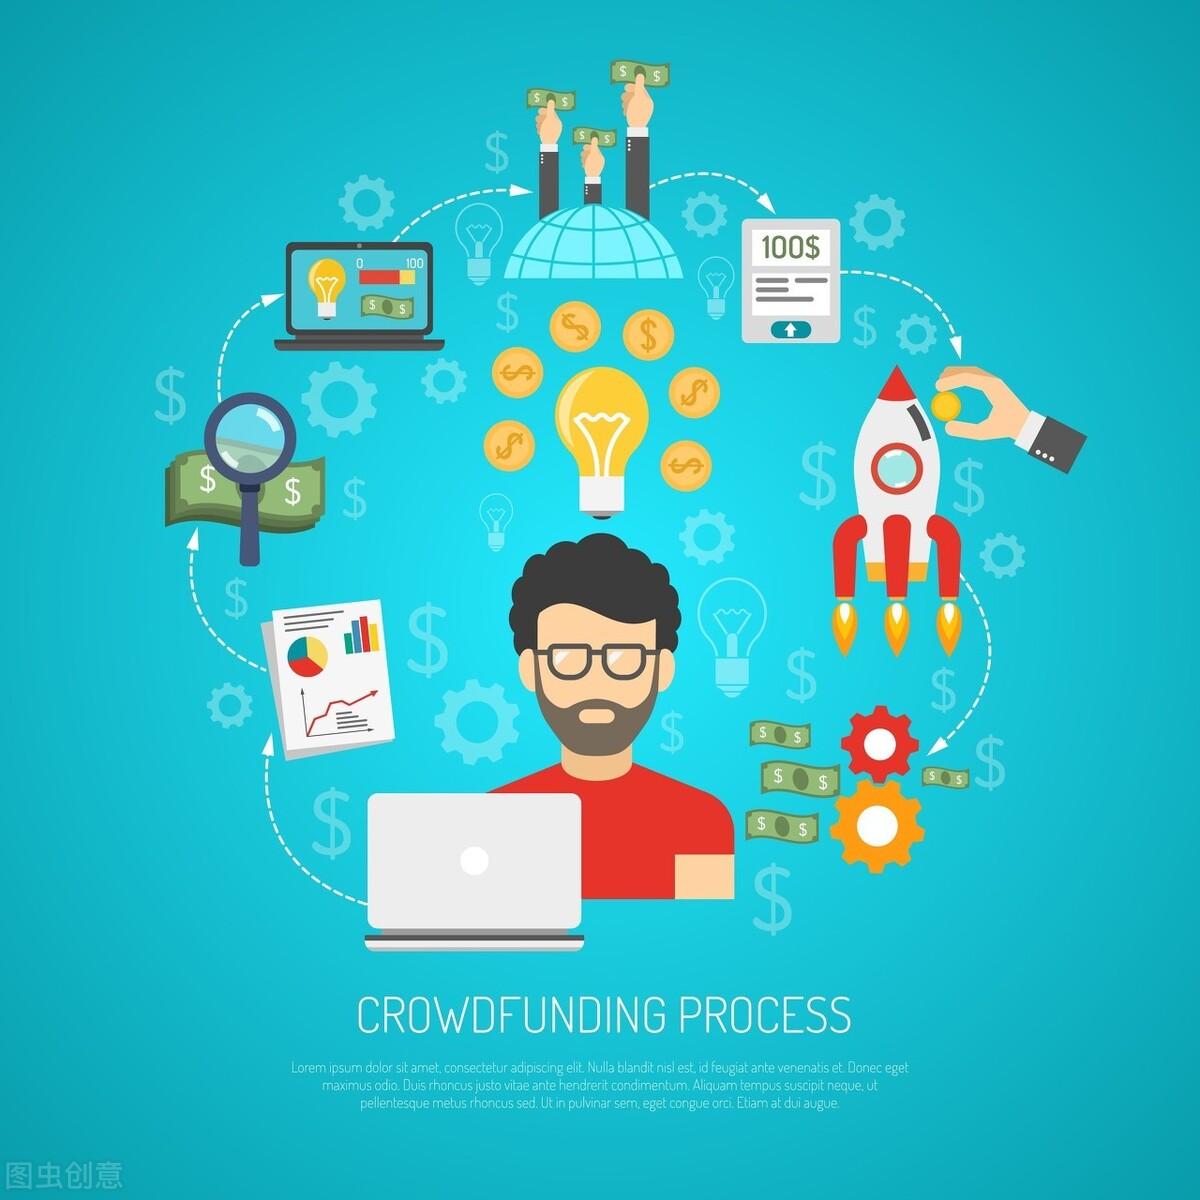 你知道哪些互联网创业小项目?